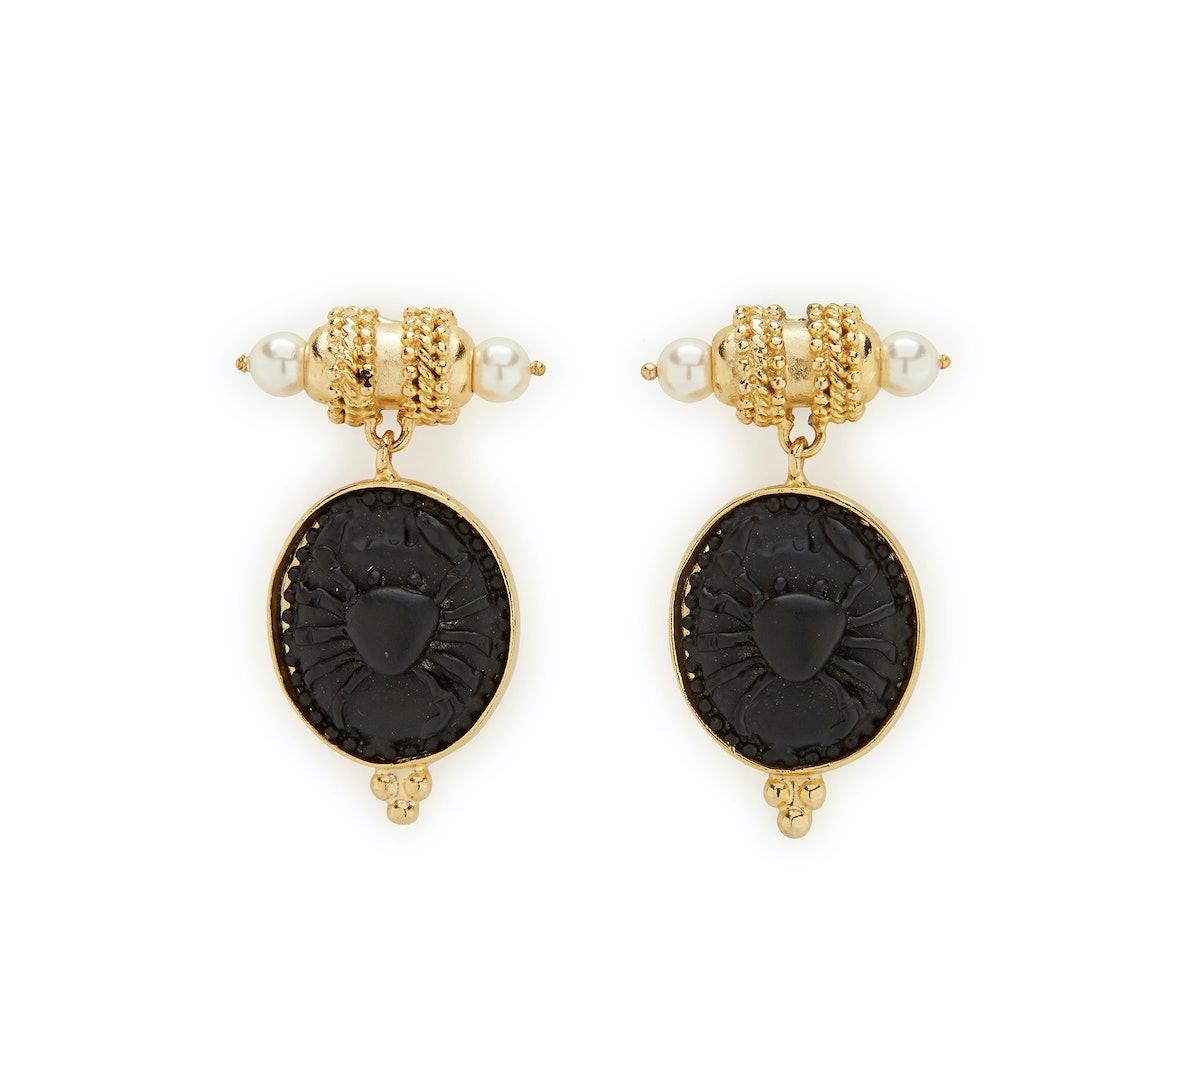 Altuzarra earrings